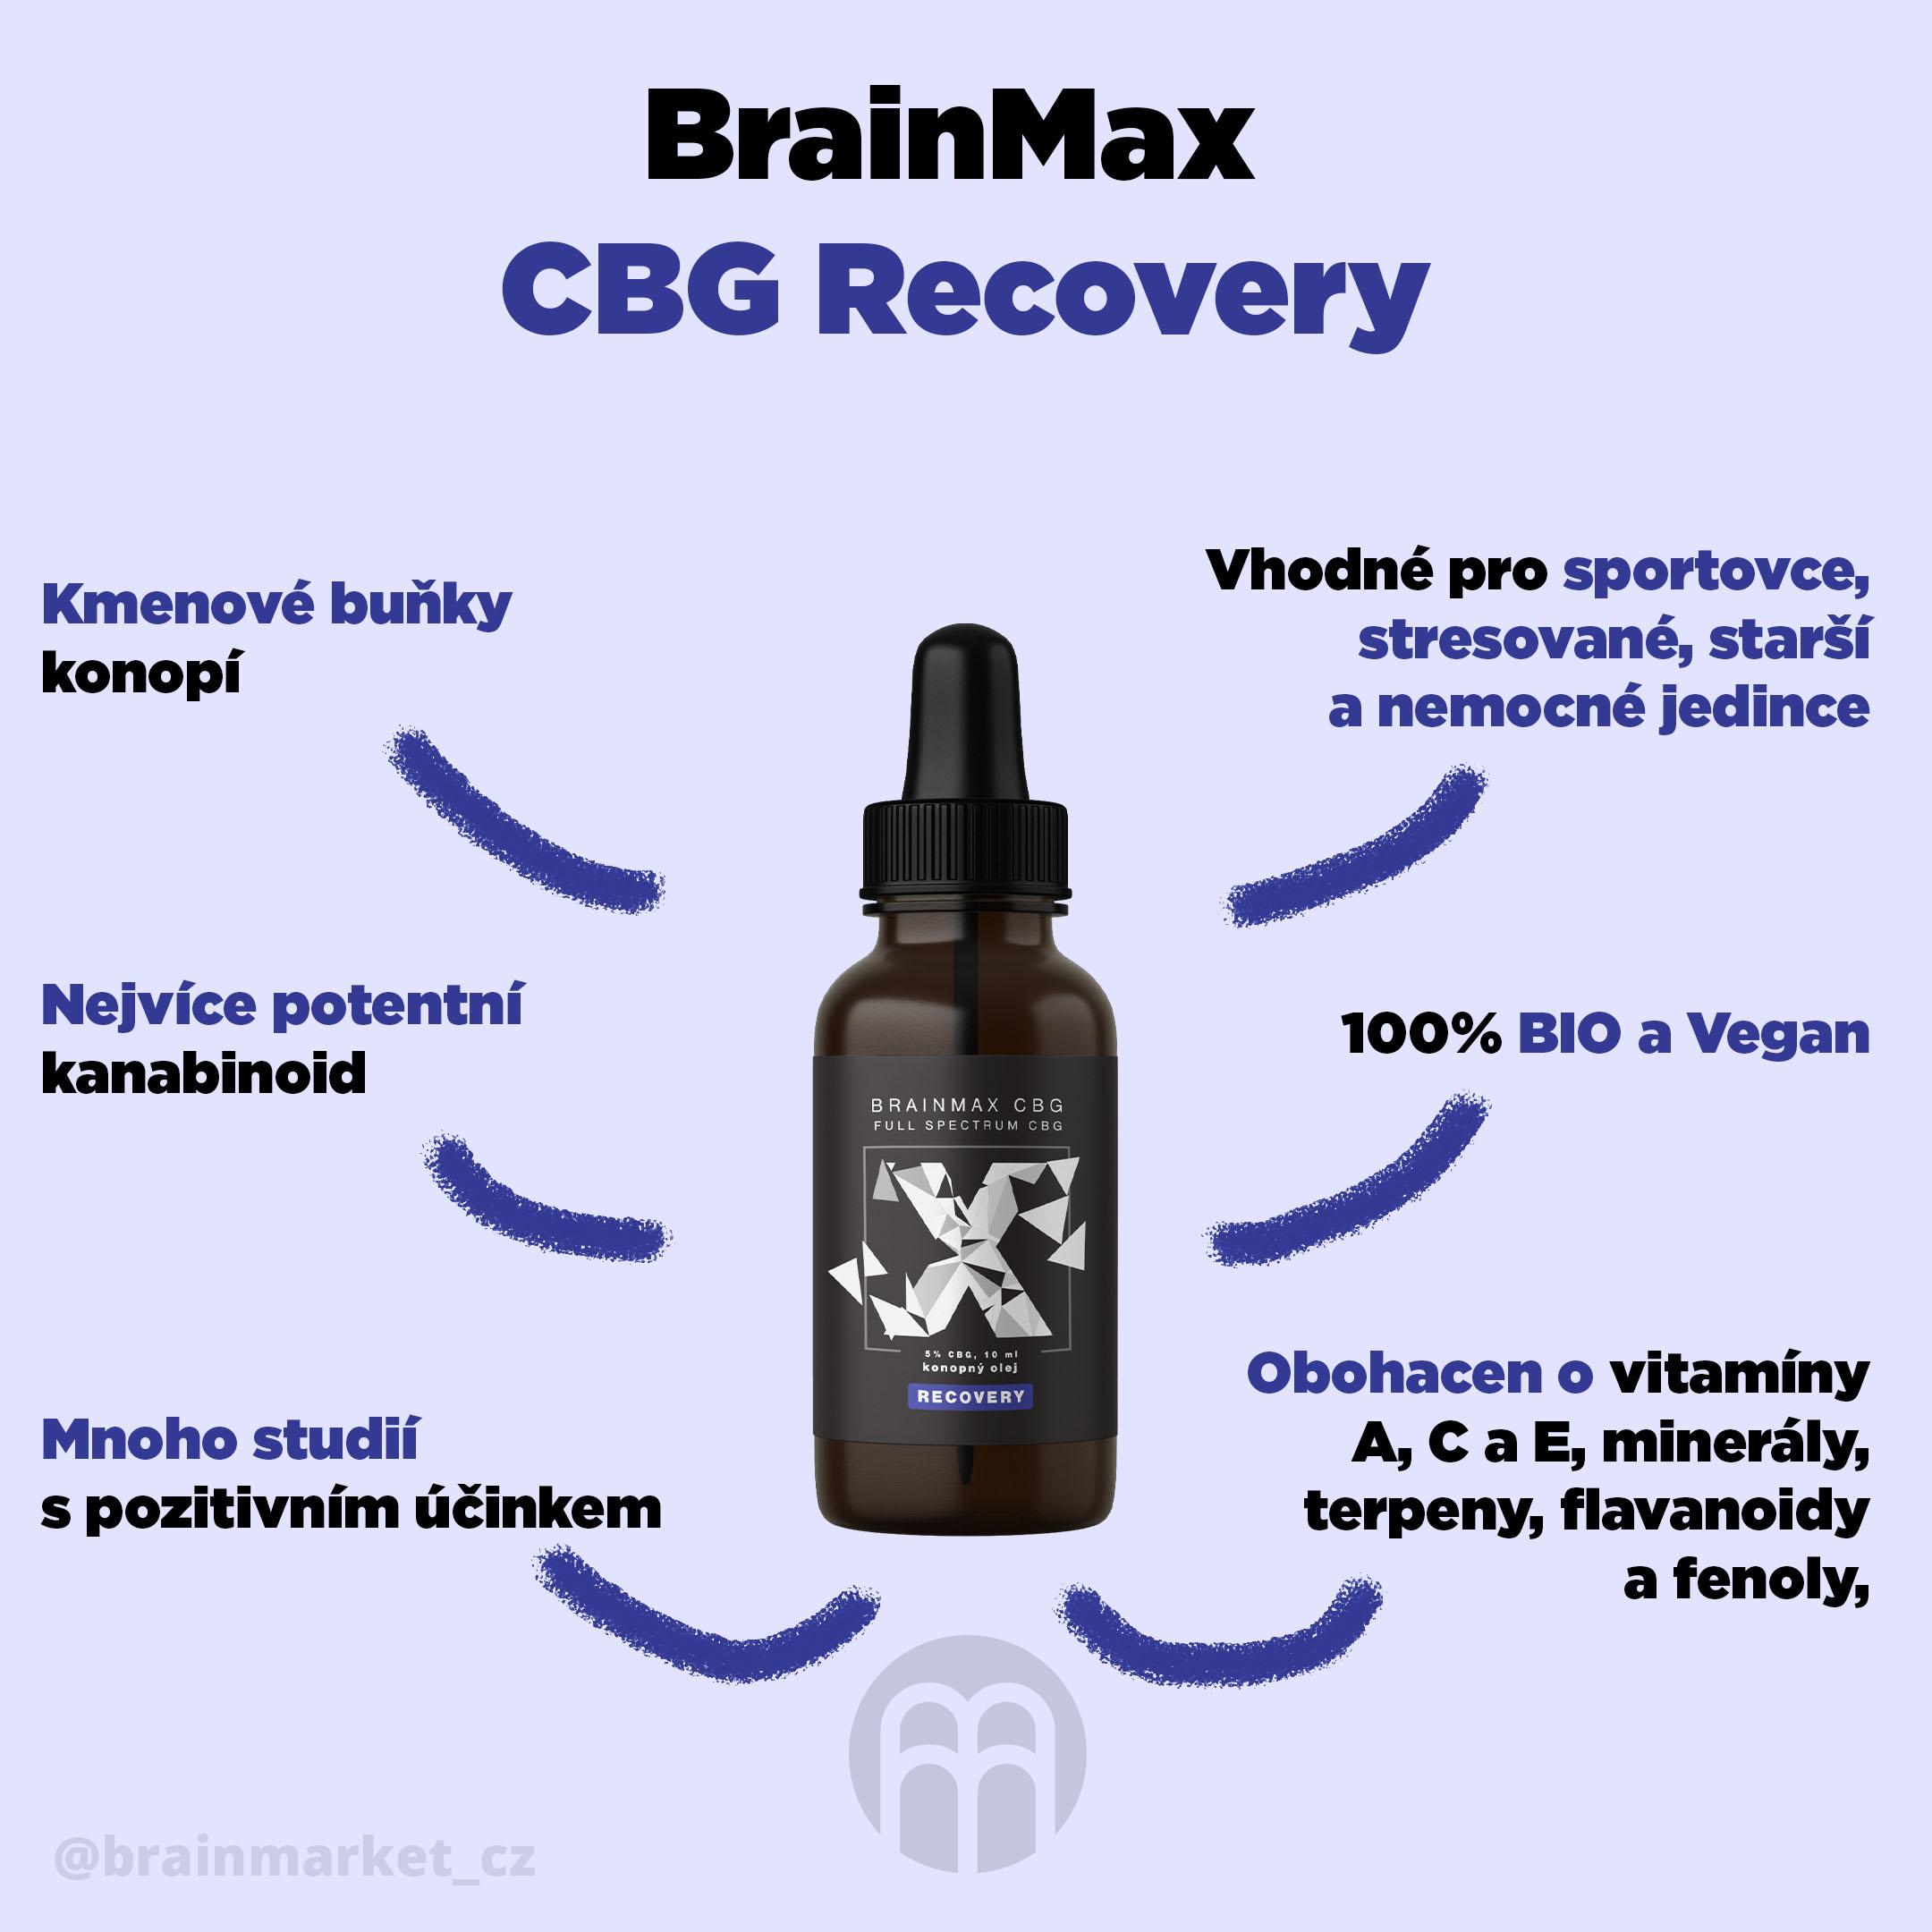 cbg-recovery-olej-infografika-brainmarket-cz